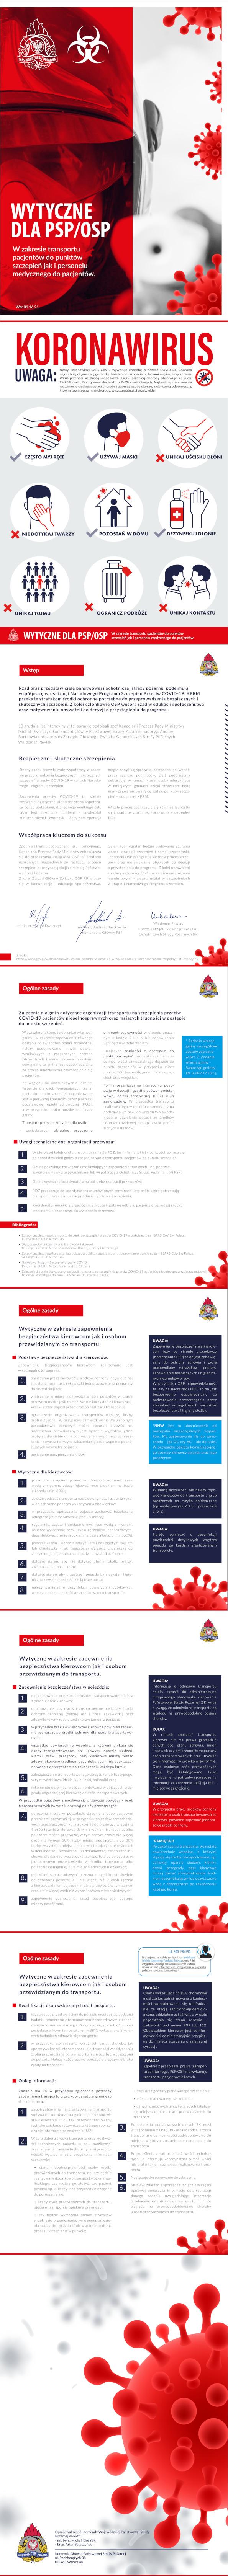 """""""Treść ulotki zawiera wytyczne dla PSP i OSP w zakresie transportu pacjentów do punktów szczepień jak i personelu medycznego do pacjentów"""""""